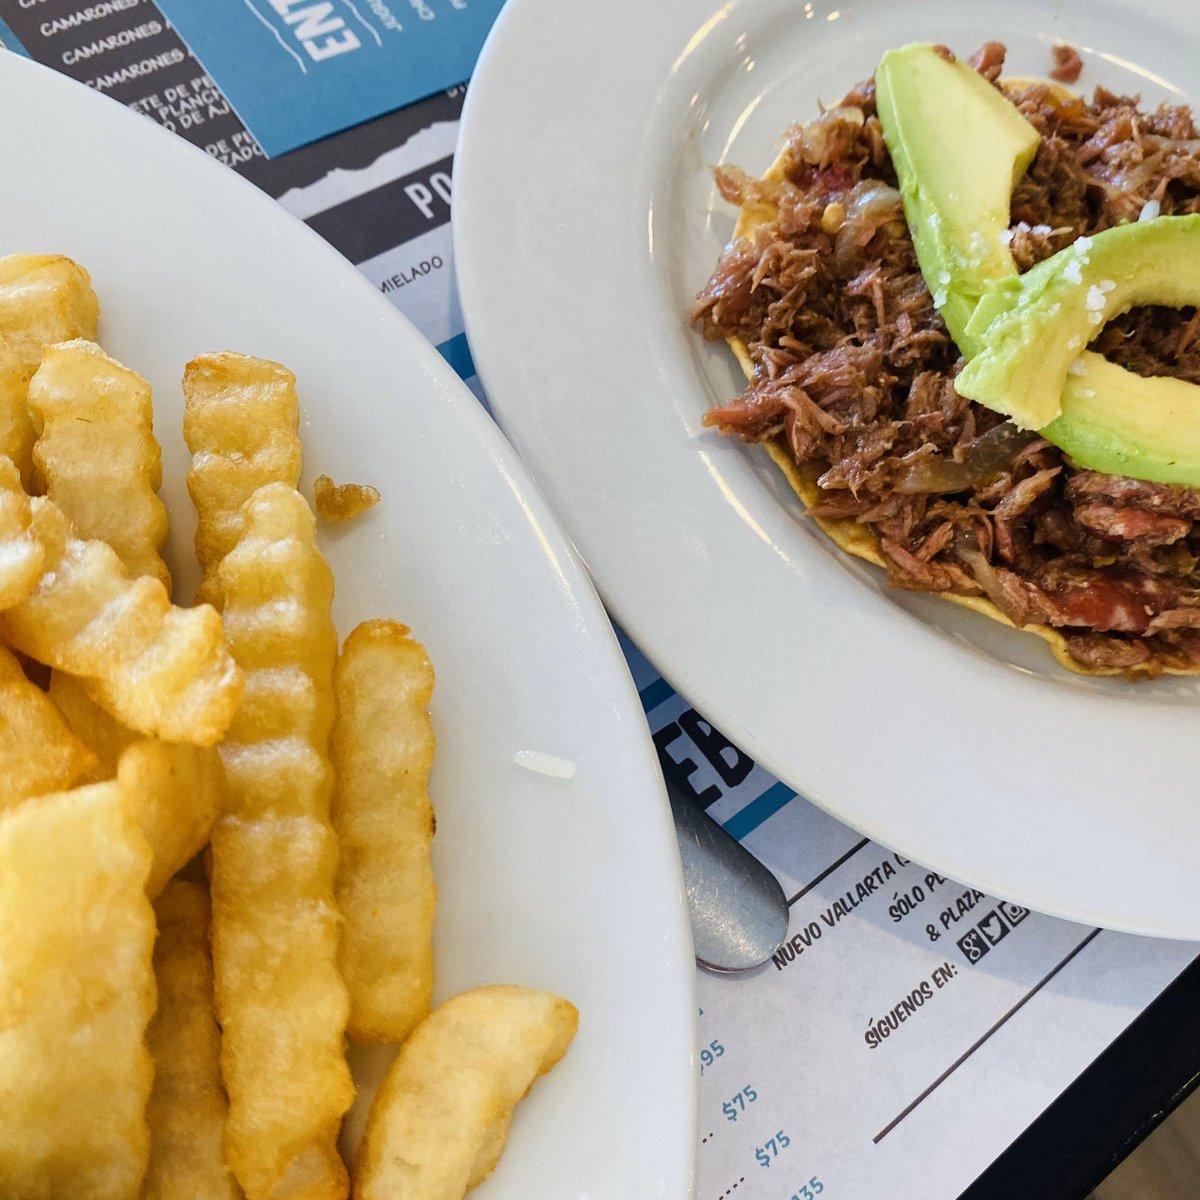 Ven a disfrutar de unas deliciosas #TostadasDeMarlin a #LaCevichería  Contáctanos vía WhatsApp 📲:  . . .  #PasiónPorLoFresco #PuertoVallarta#NuevoVallarta #DondeComer #palAntojo #PalHuequito #PaBotanear #Marlin #DeLoMejor